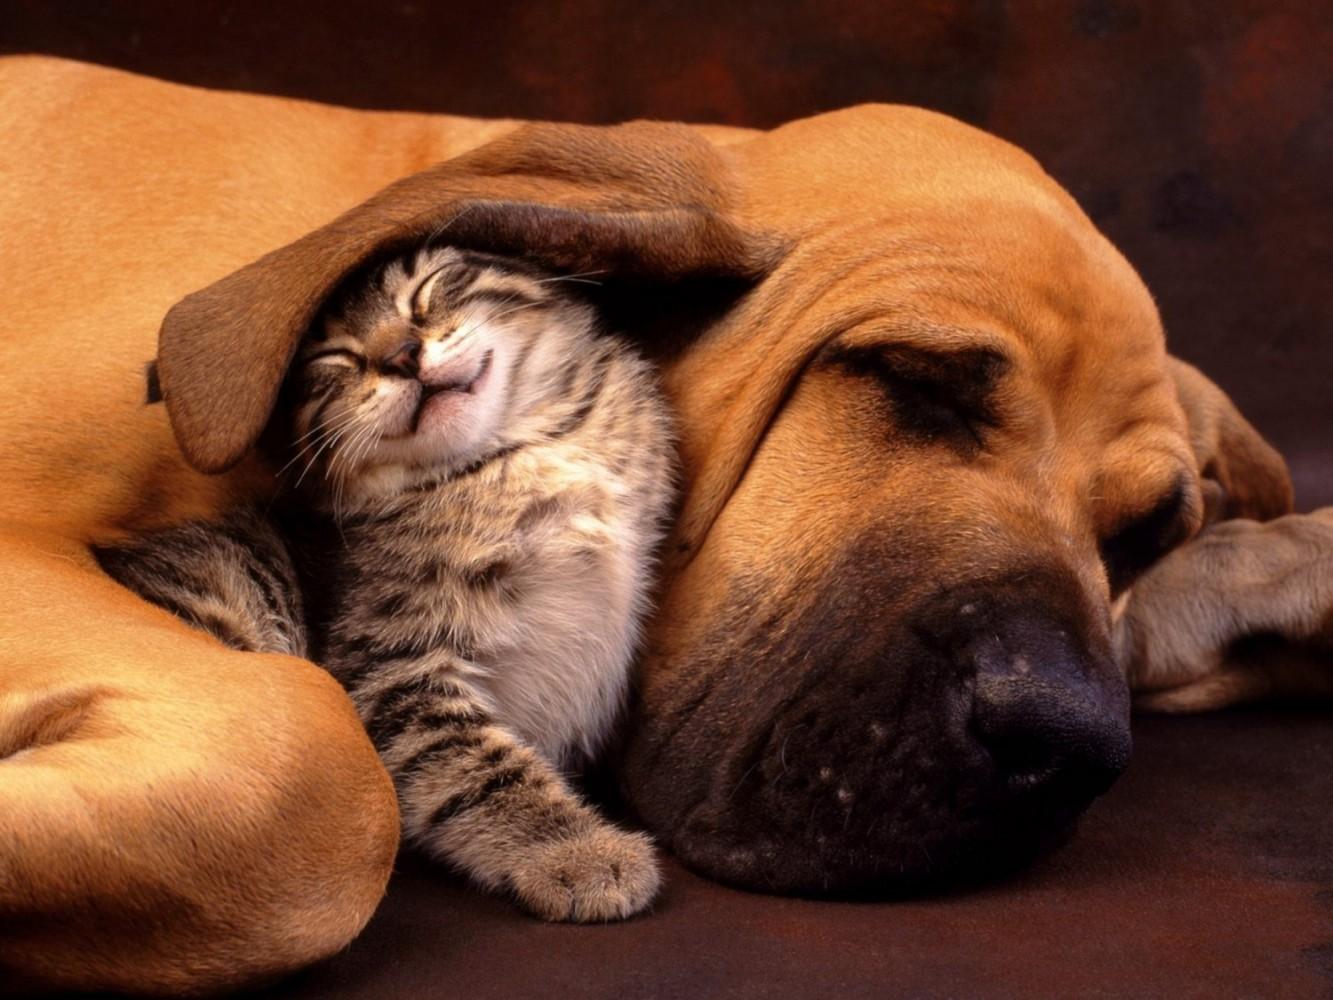 Animali domestici - Cani e gatti Imc